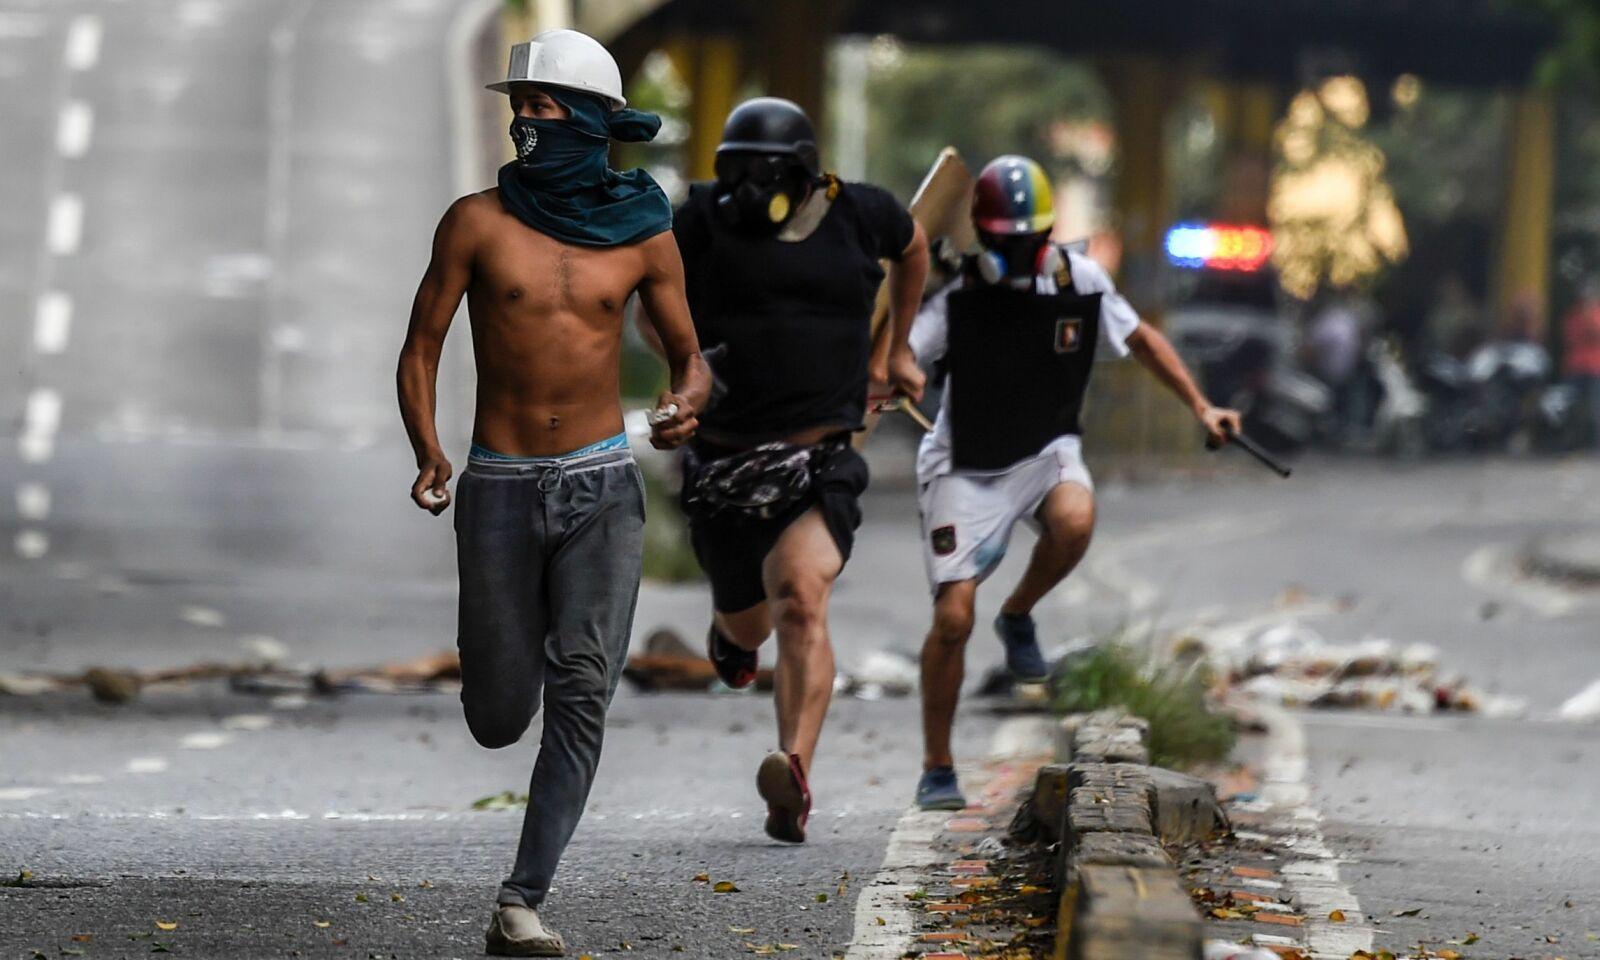 RØMMER: Her rømmer demonstranter fra opptøyer med politiet, etter en demonstrasjon mot president Nicolás Maduros regime. Foto: AFP / NTB Scanpix.